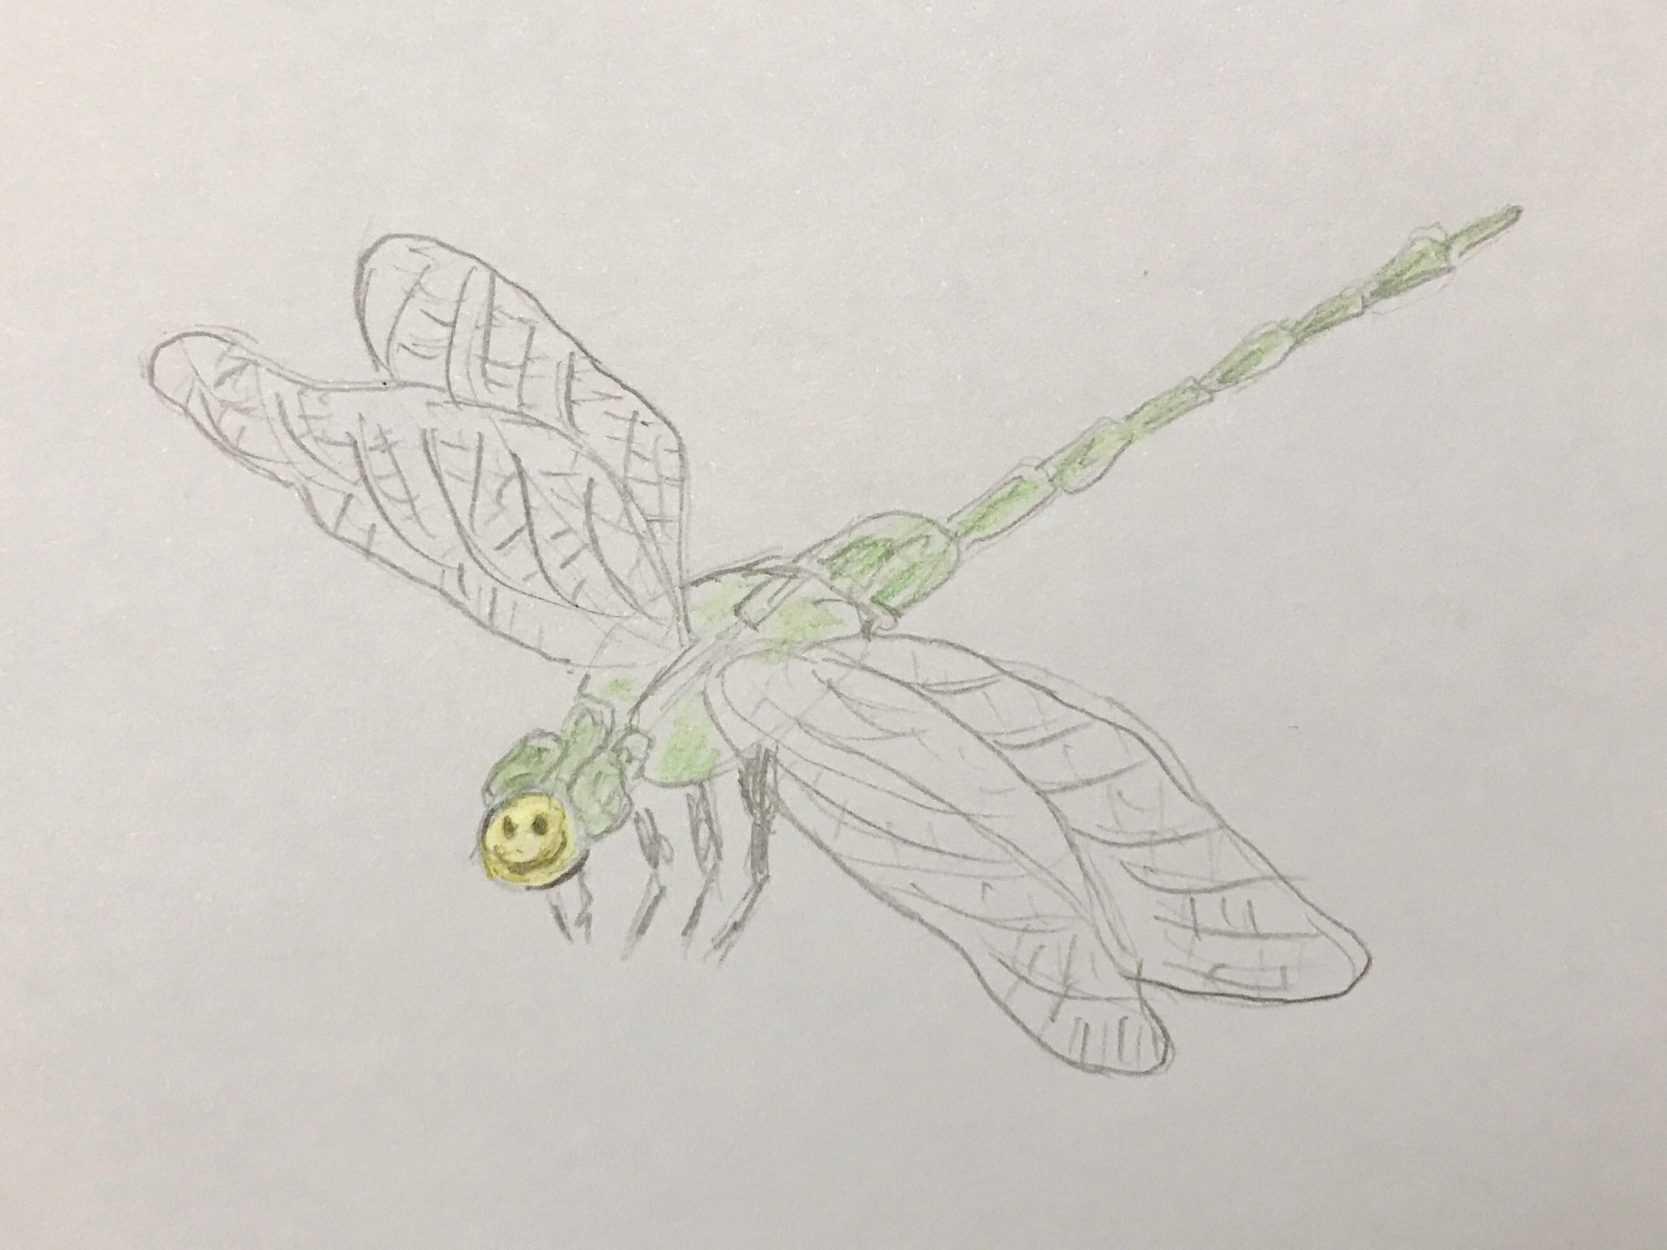 Emoji Dragonfly